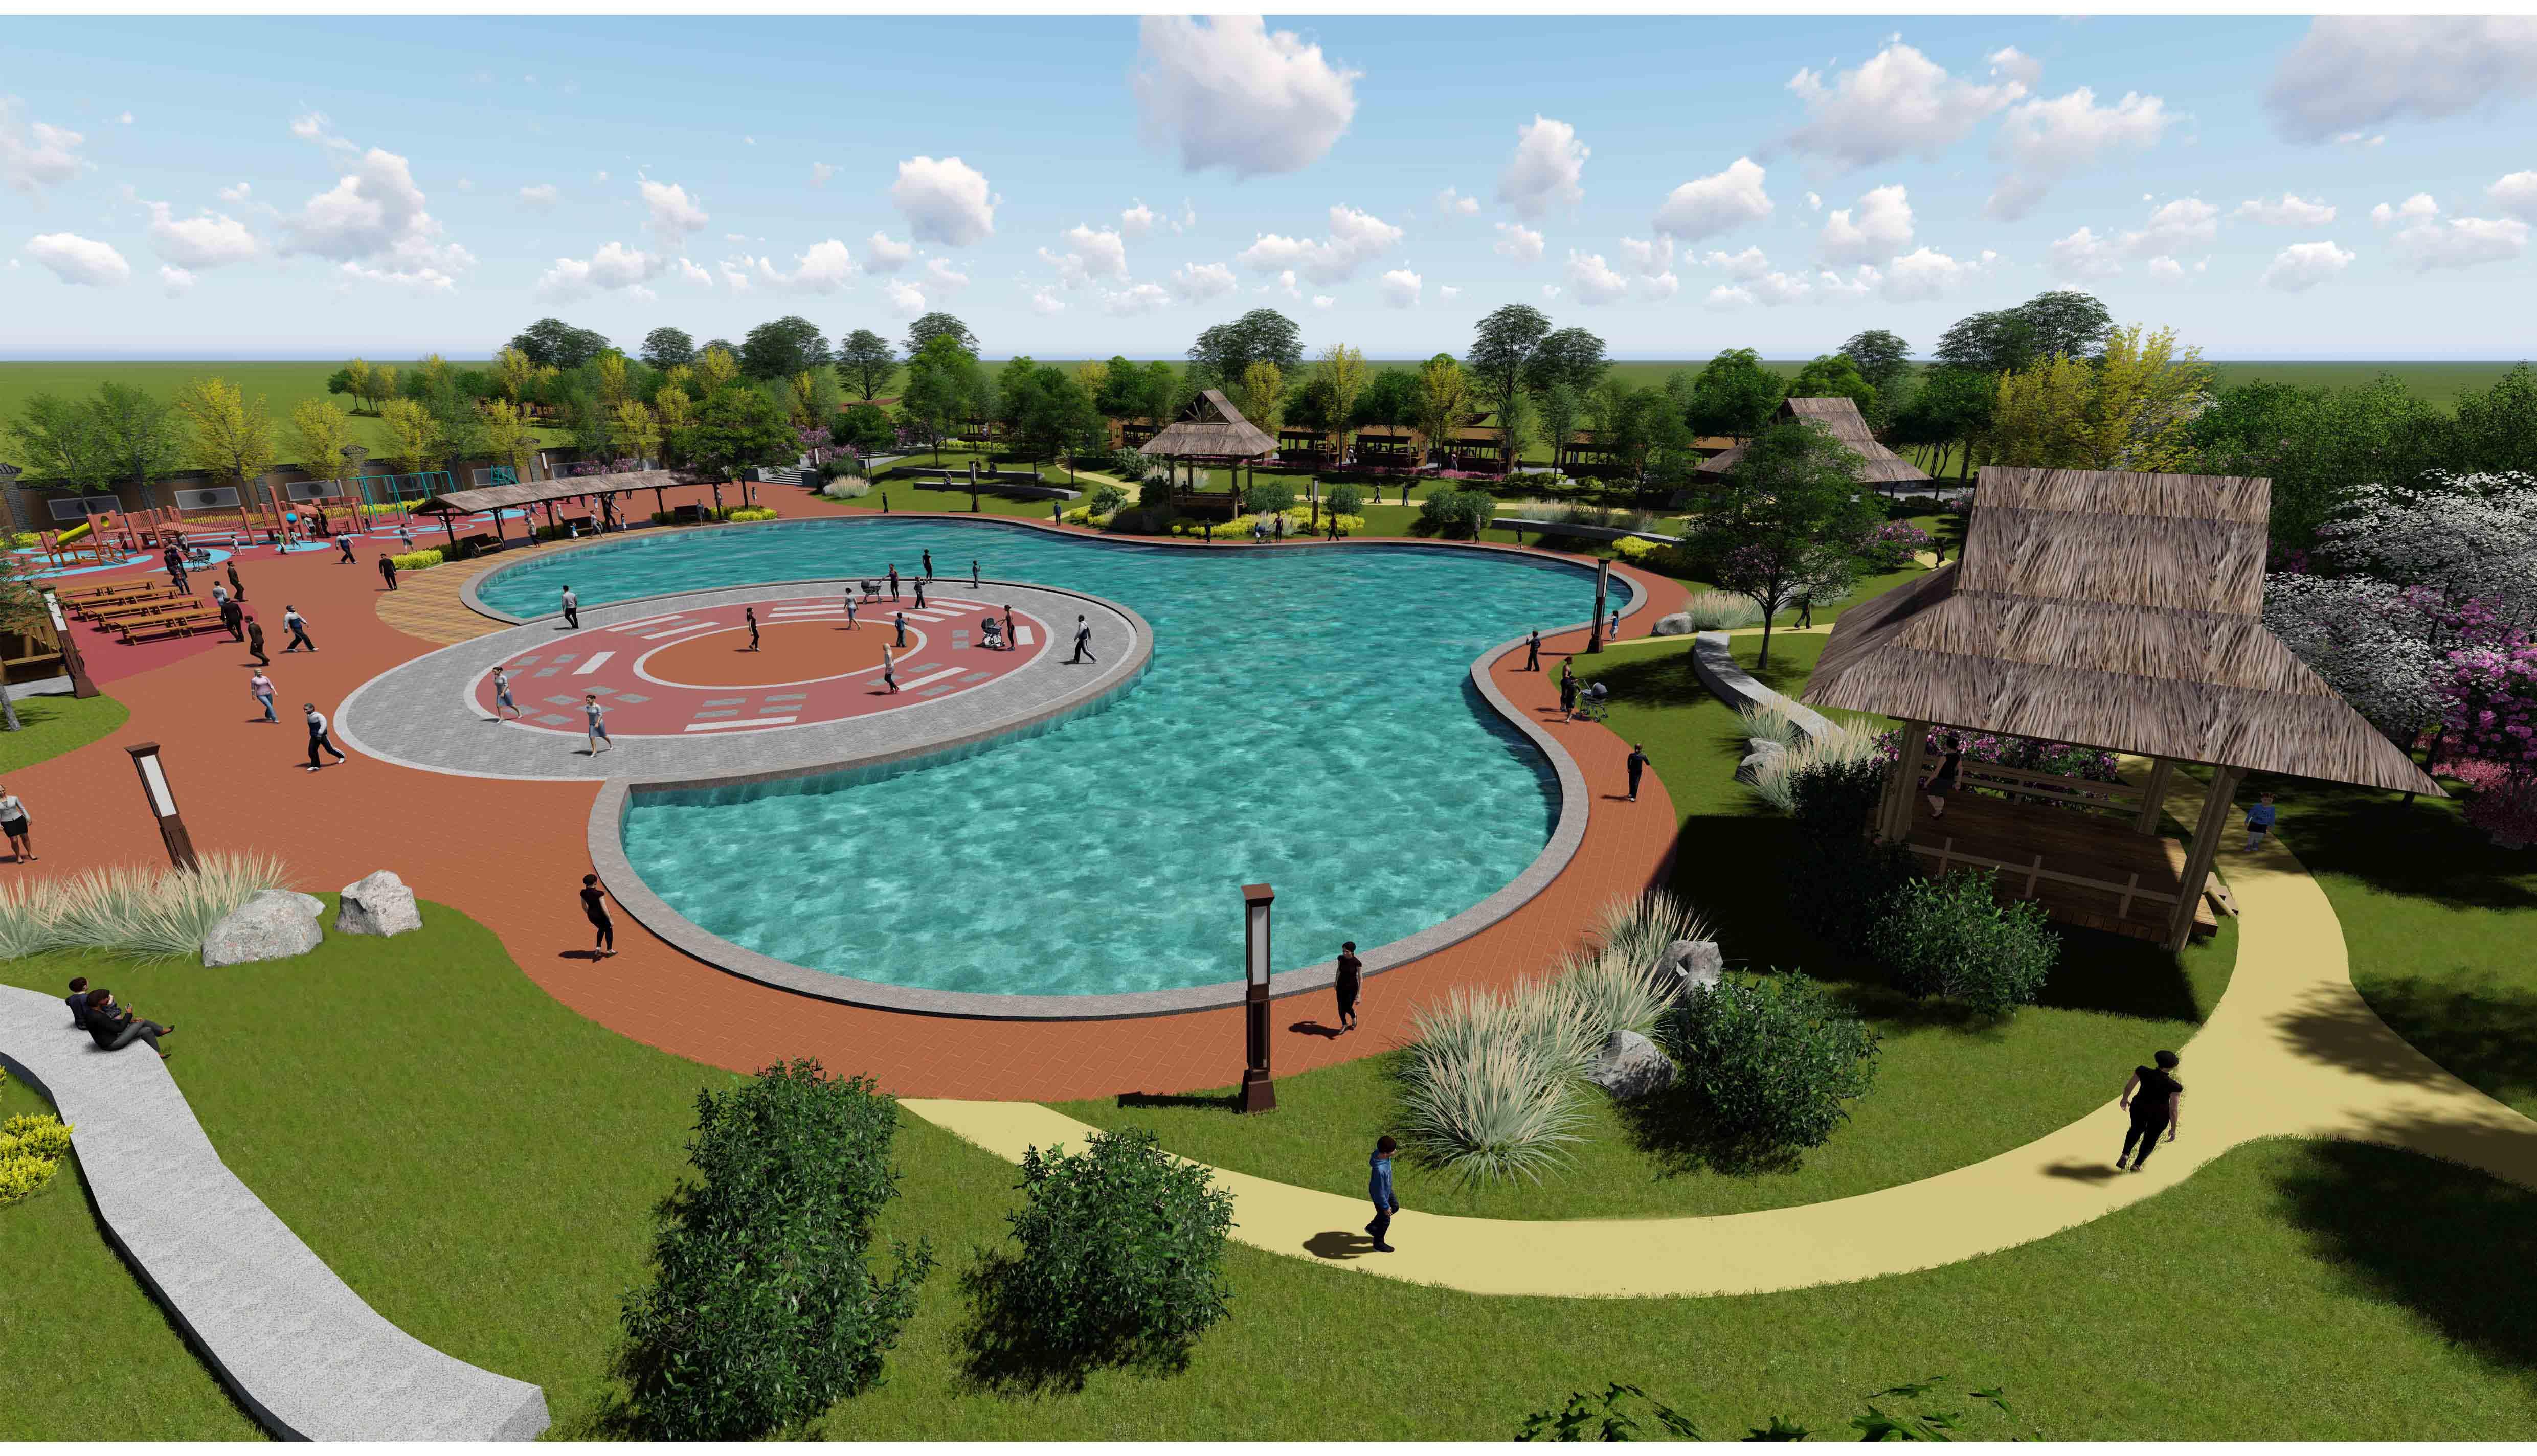 戏水池游乐区景观设计